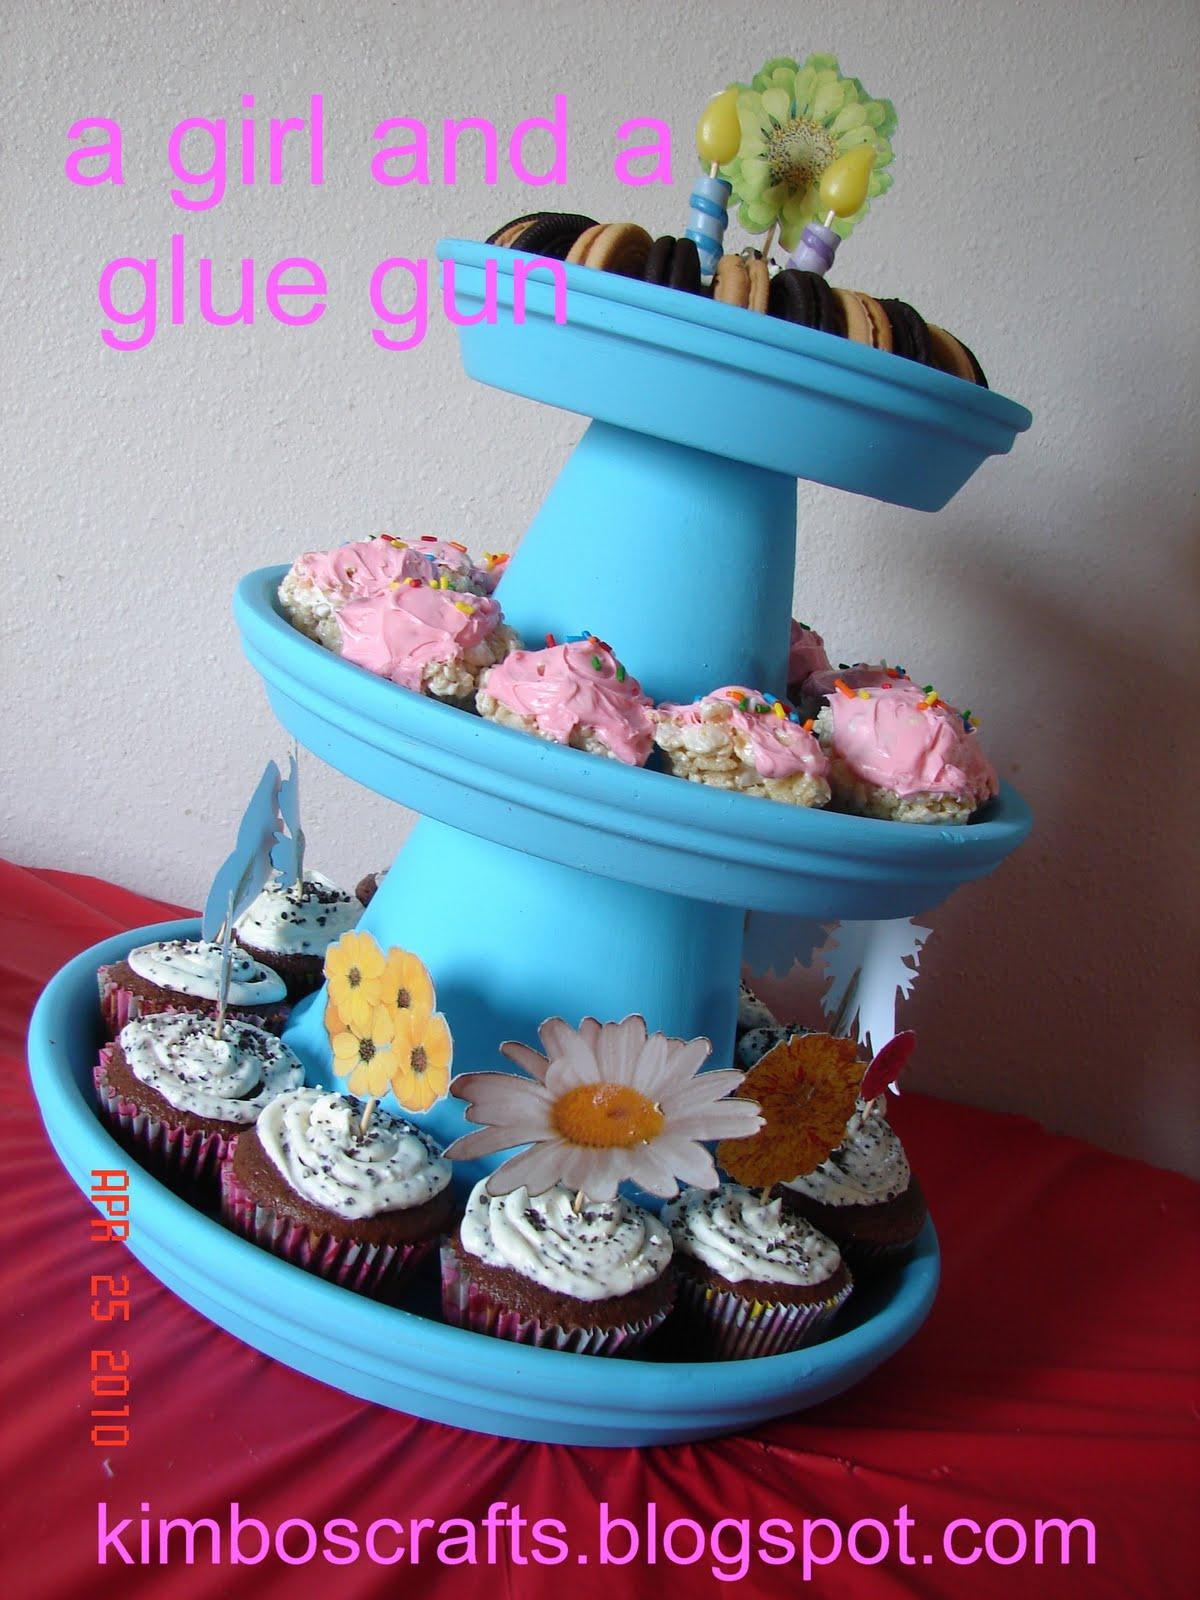 http://2.bp.blogspot.com/_jYGTGBPnMvQ/S9XzGXJpHVI/AAAAAAAADcM/kfEbjpU8iU0/s1600/bpot.jpg